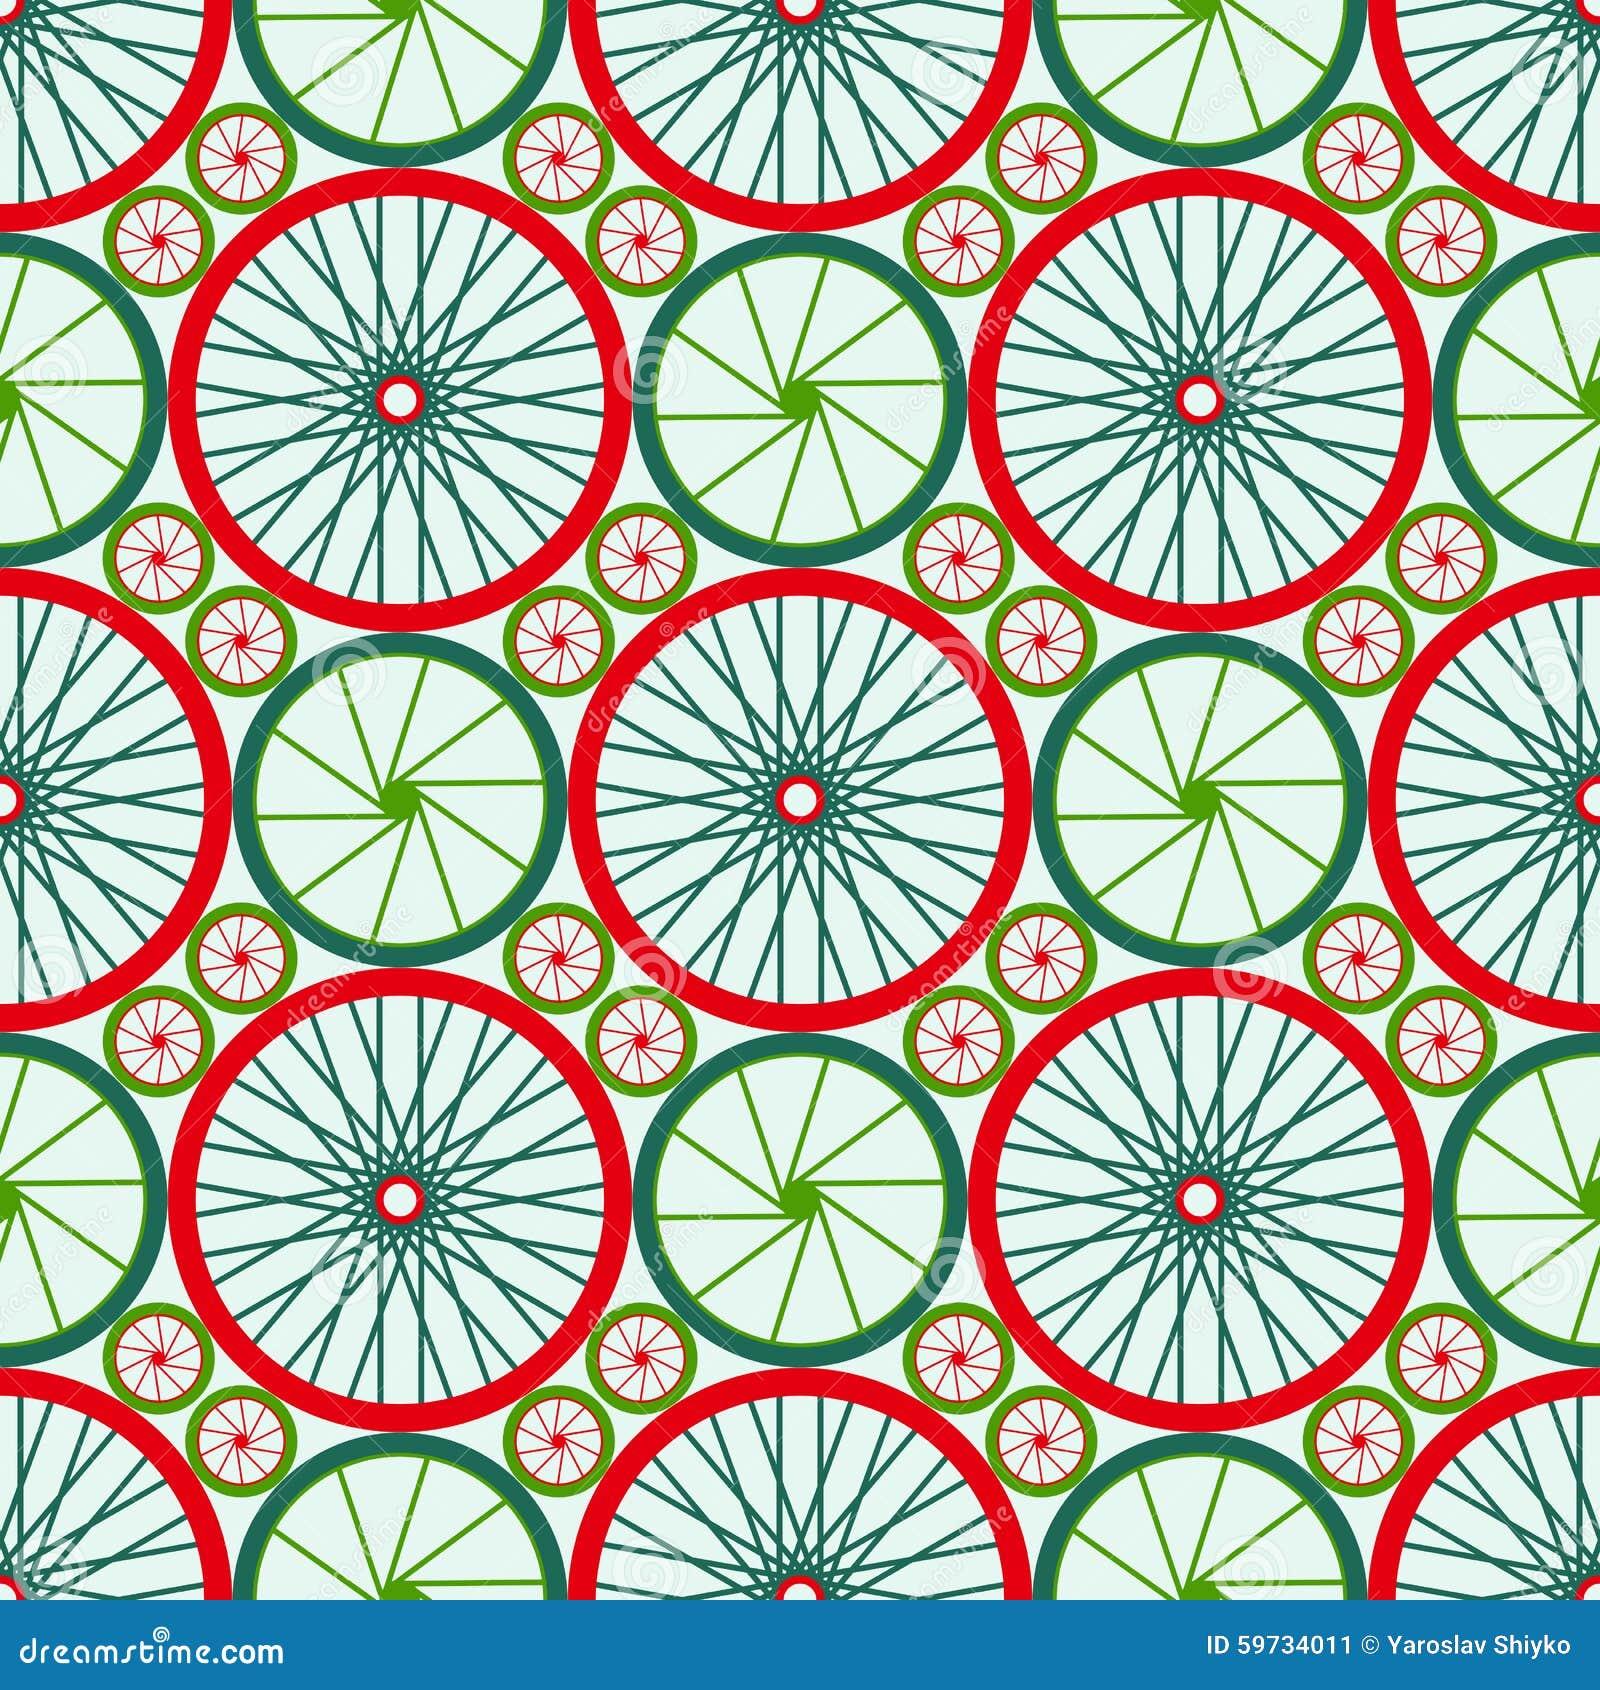 Naadloos patroon met fietswielen Fietswielen met gekleurde randen en spokes